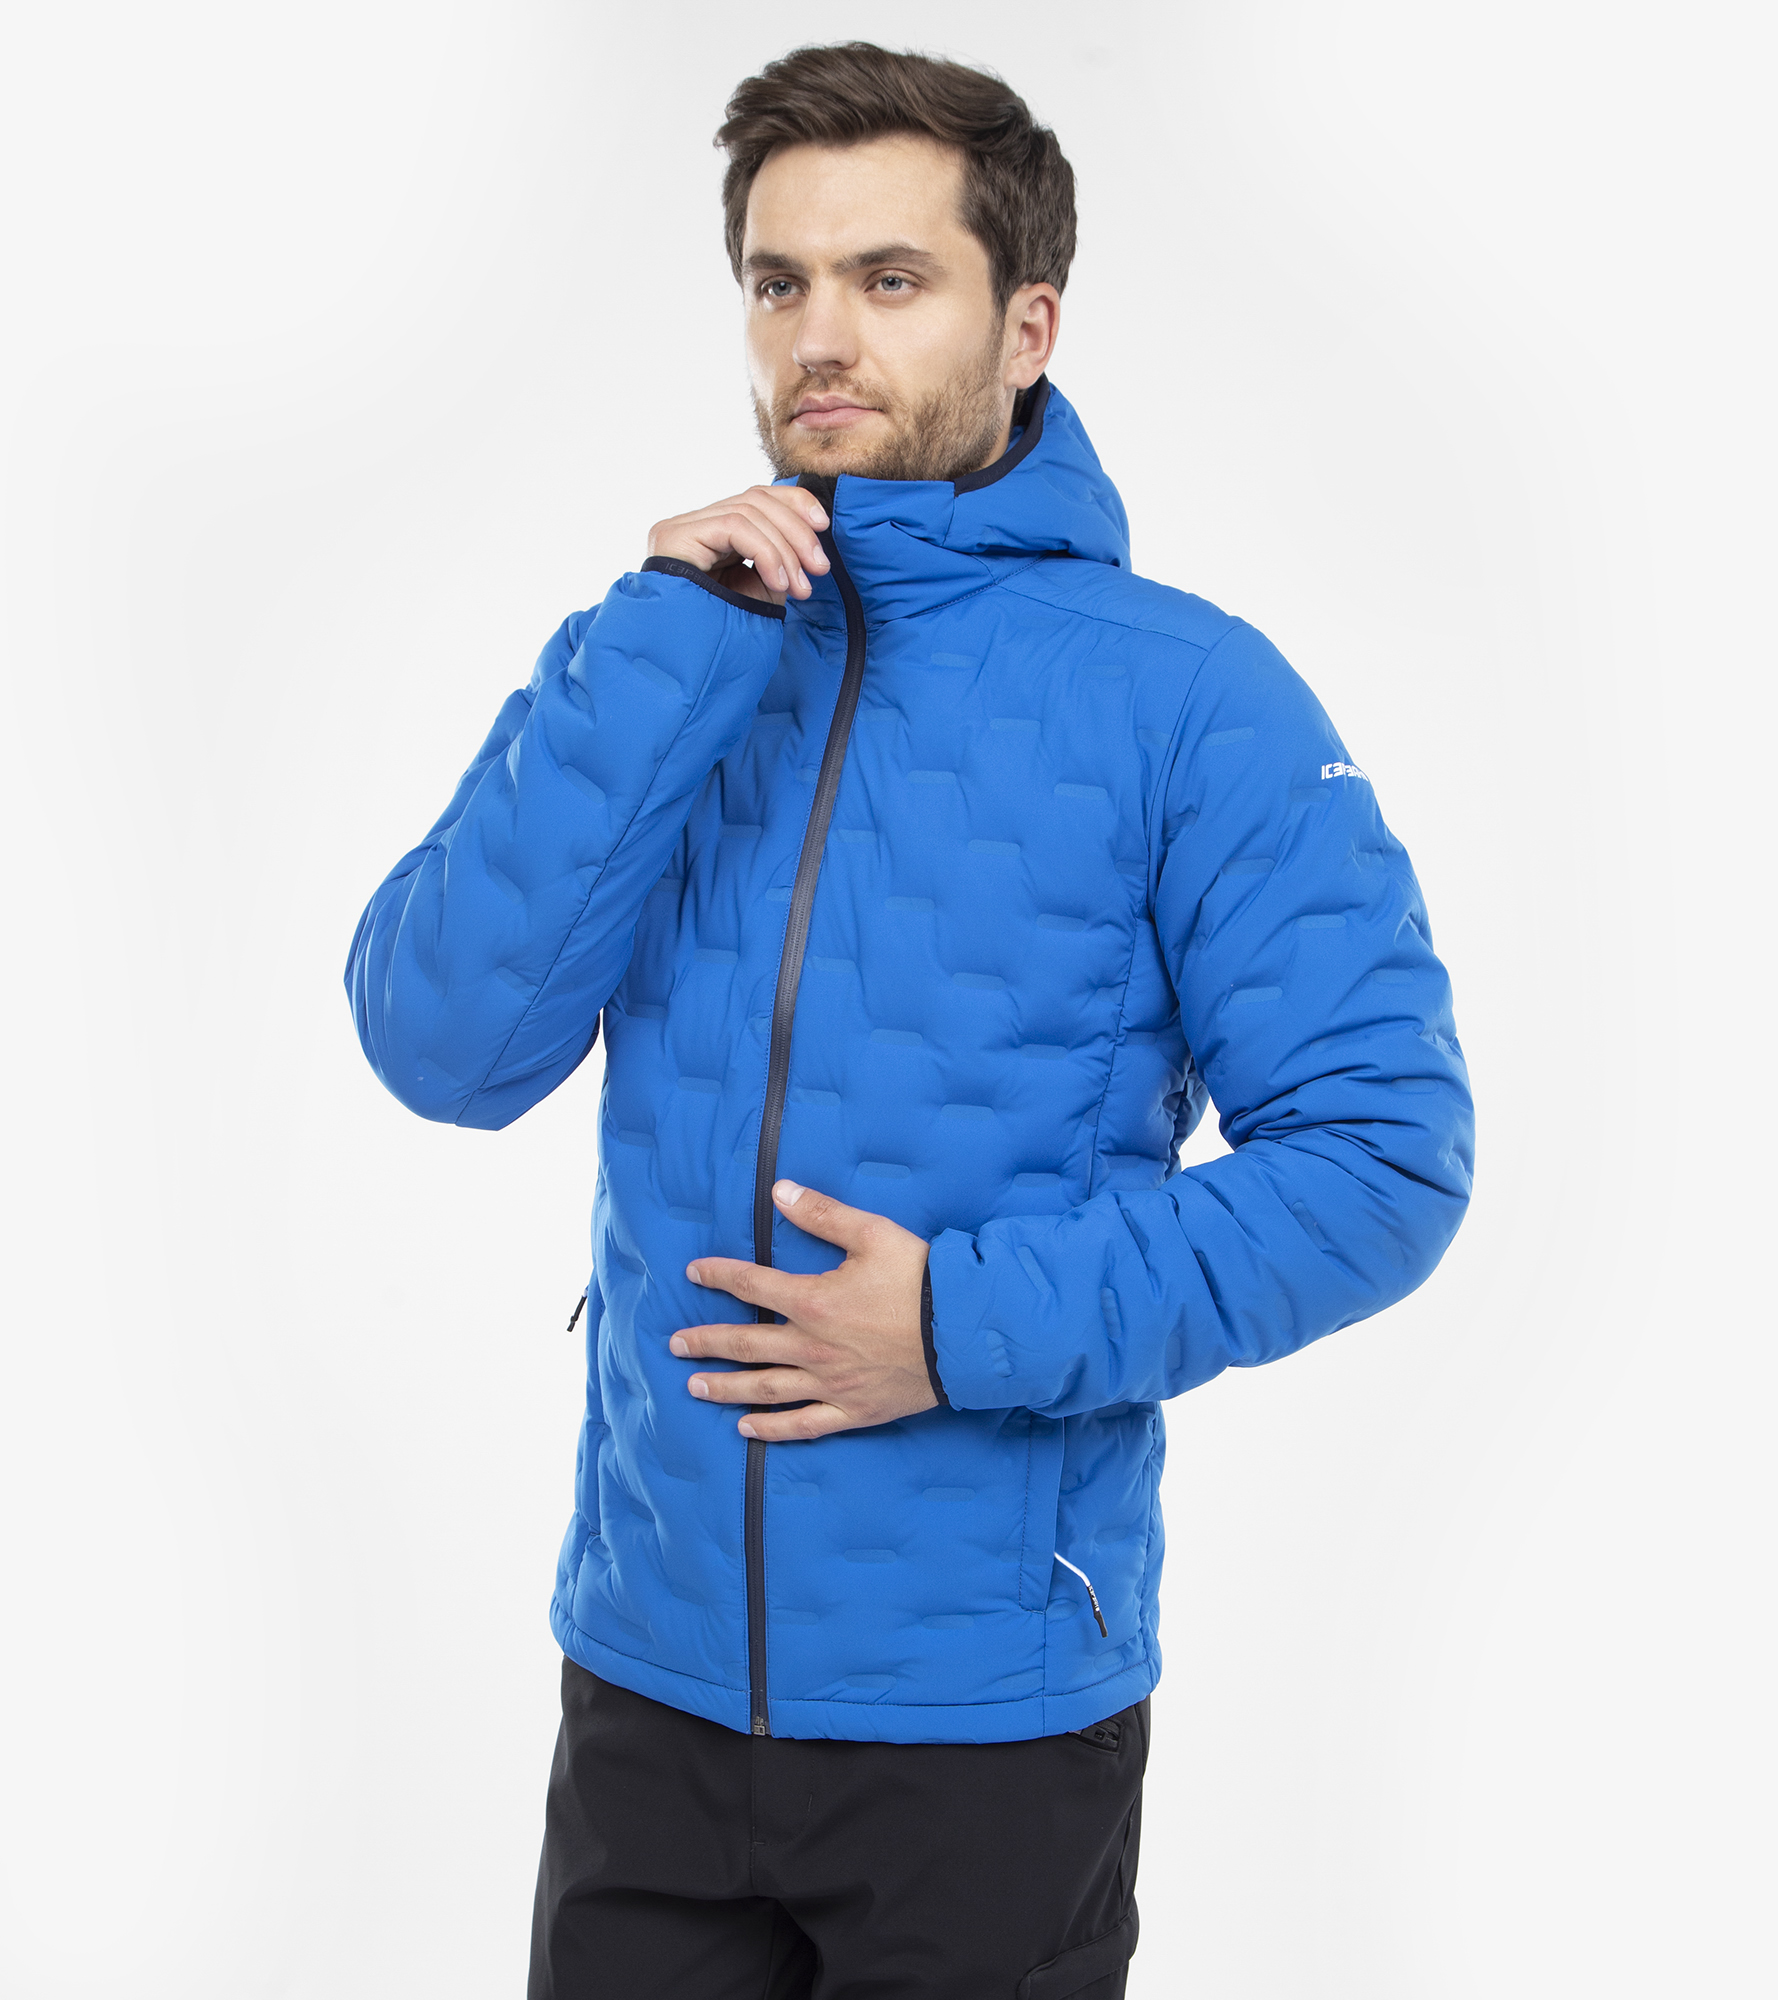 IcePeak Куртка утепленная мужская IcePeak Damascus, размер 54 цены онлайн